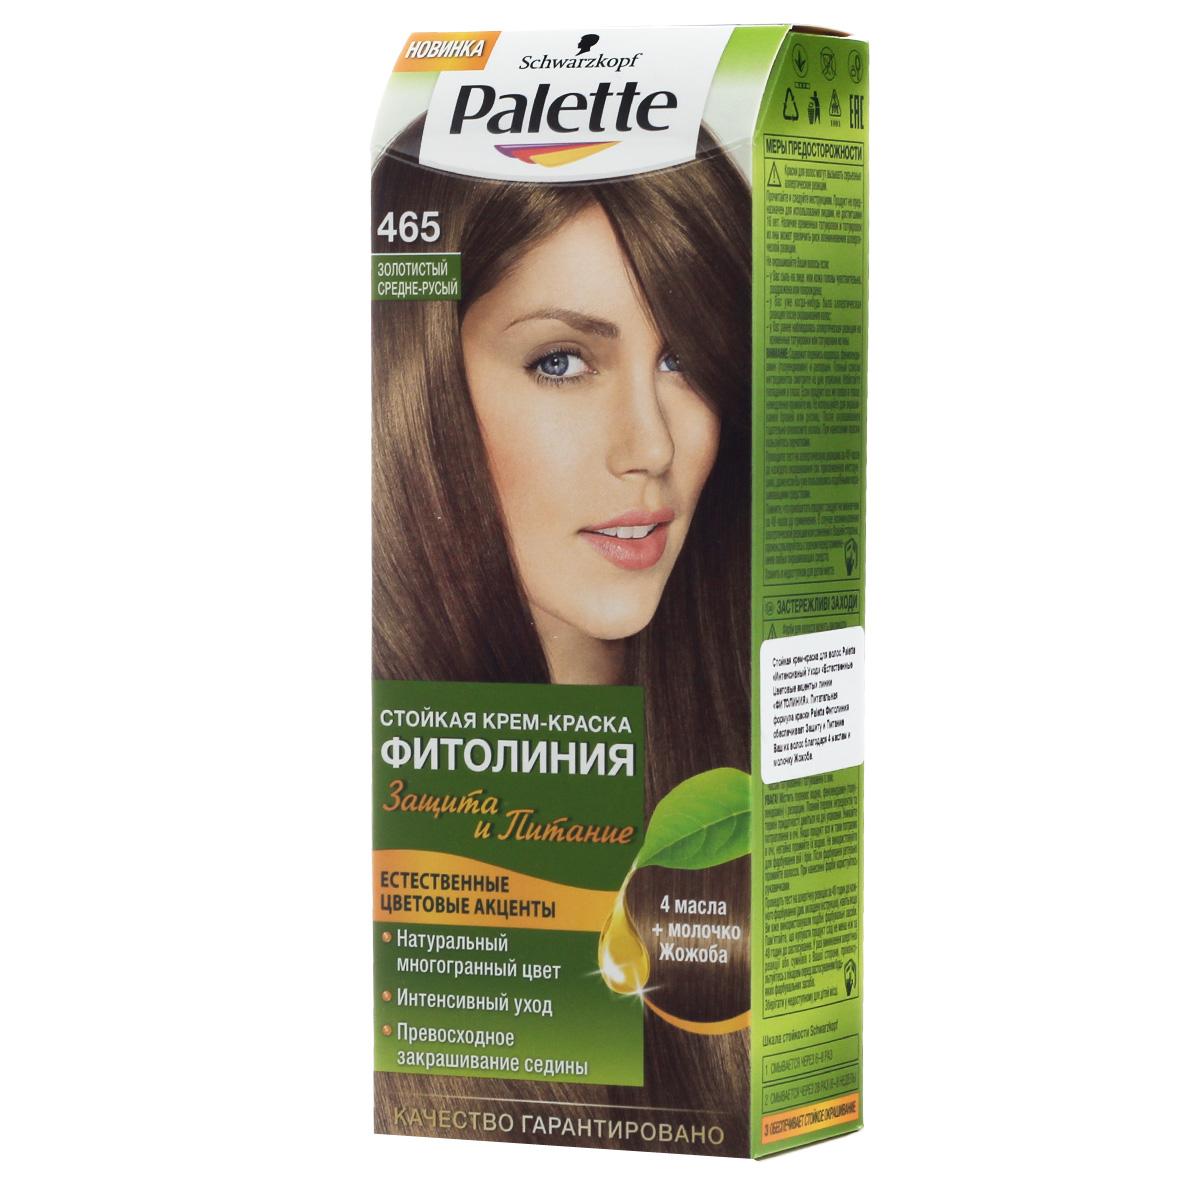 PALETTE Краска для волос ФИТОЛИНИЯ оттенок 465 Золотистый средне-русый, 110 мл9352542Откройте для себя больше ухода для более интенсивного цвета: новая питающая крем-краска Palette Фитолиния, обогащенная 4 маслами и молочком Жожоба. Насладитесь невероятно мягкими и сияющими волосами, полными естественного сияния цвета и стойкой интенсивности. Питательная формула обеспечивает надежную защиту во время и после окрашивания и поразительно глубокий уход. А интенсивные красящие пигменты отвечают за насыщенный и стойкий результат на ваших волосах. Побалуйте себя широким выбором натуральных оттенков, ведь палитра Palette Фитолиния предлагает оригинальную подборку оттенков для создания естественных цветовых акцентов и глубокого многогранного цвета.